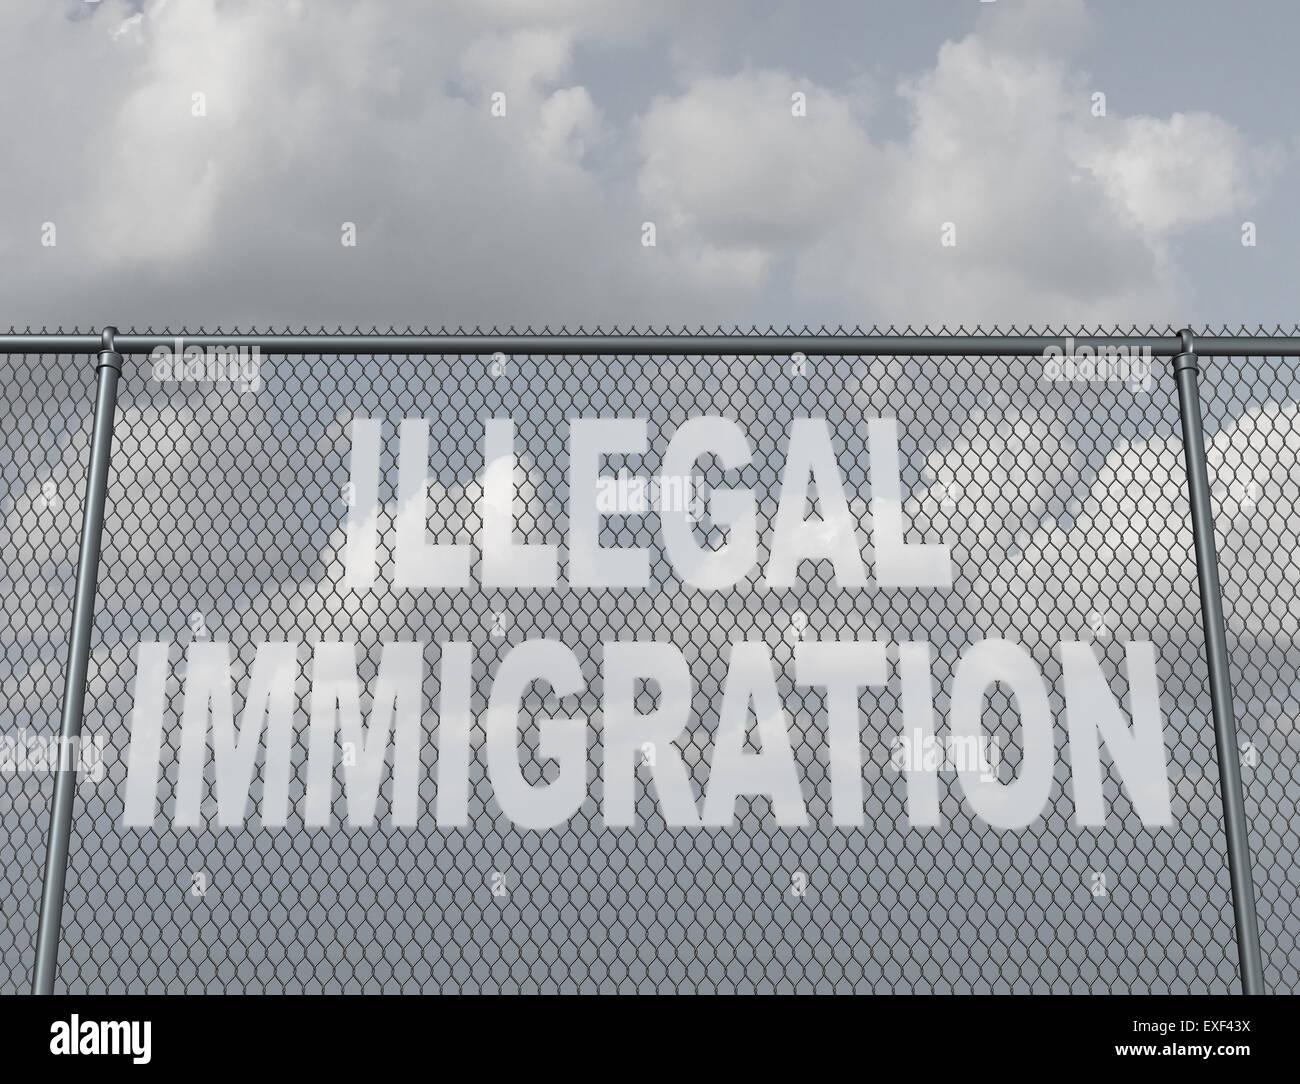 Illegale Einwanderung Konzept als eine Kette Zaun mit einem Loch ...